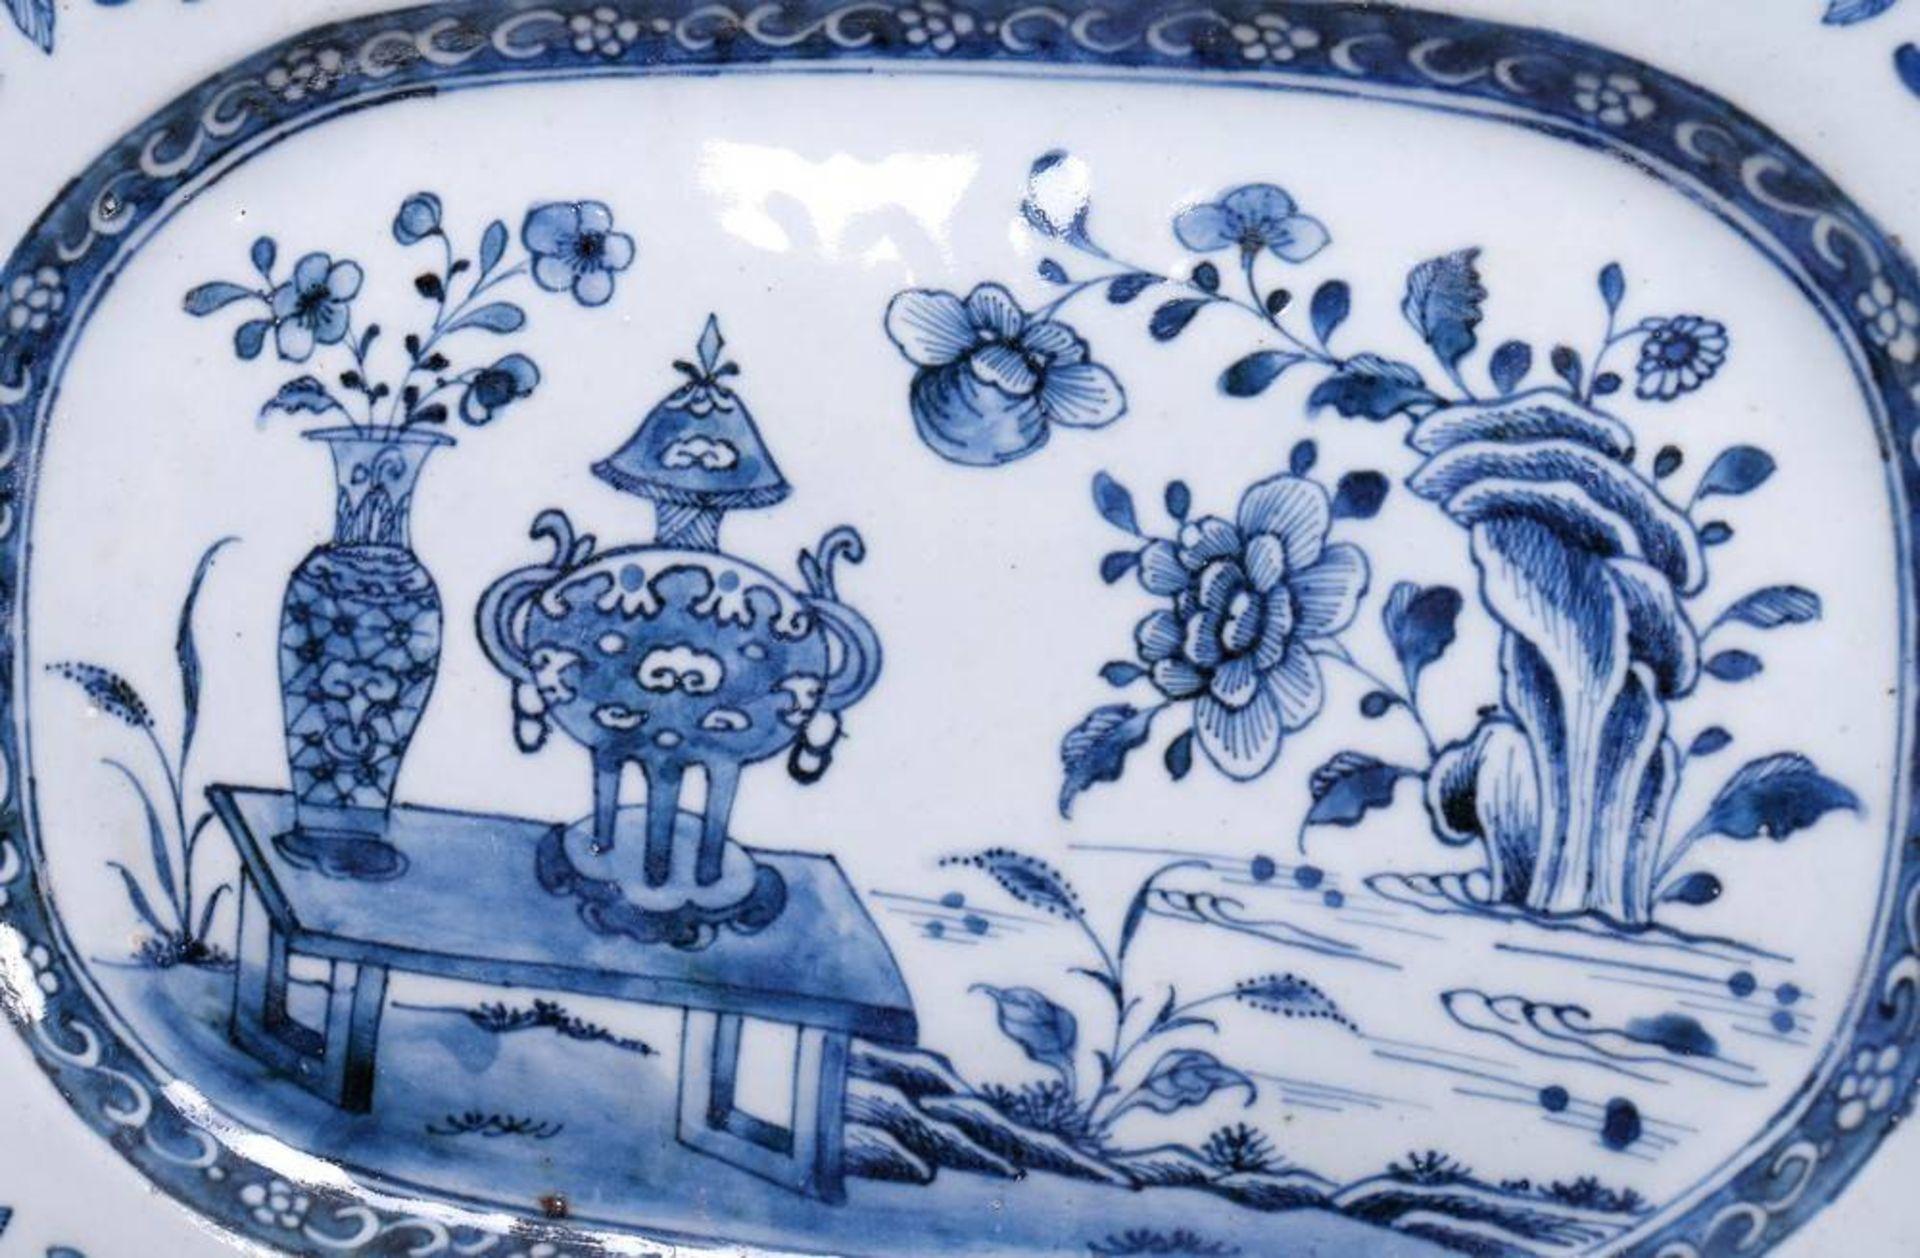 Servierplatte, wohl China, 19.Jh. polygonale Form, im Spiegel Tisch-, Vasen und Felsdekor in - Bild 2 aus 3